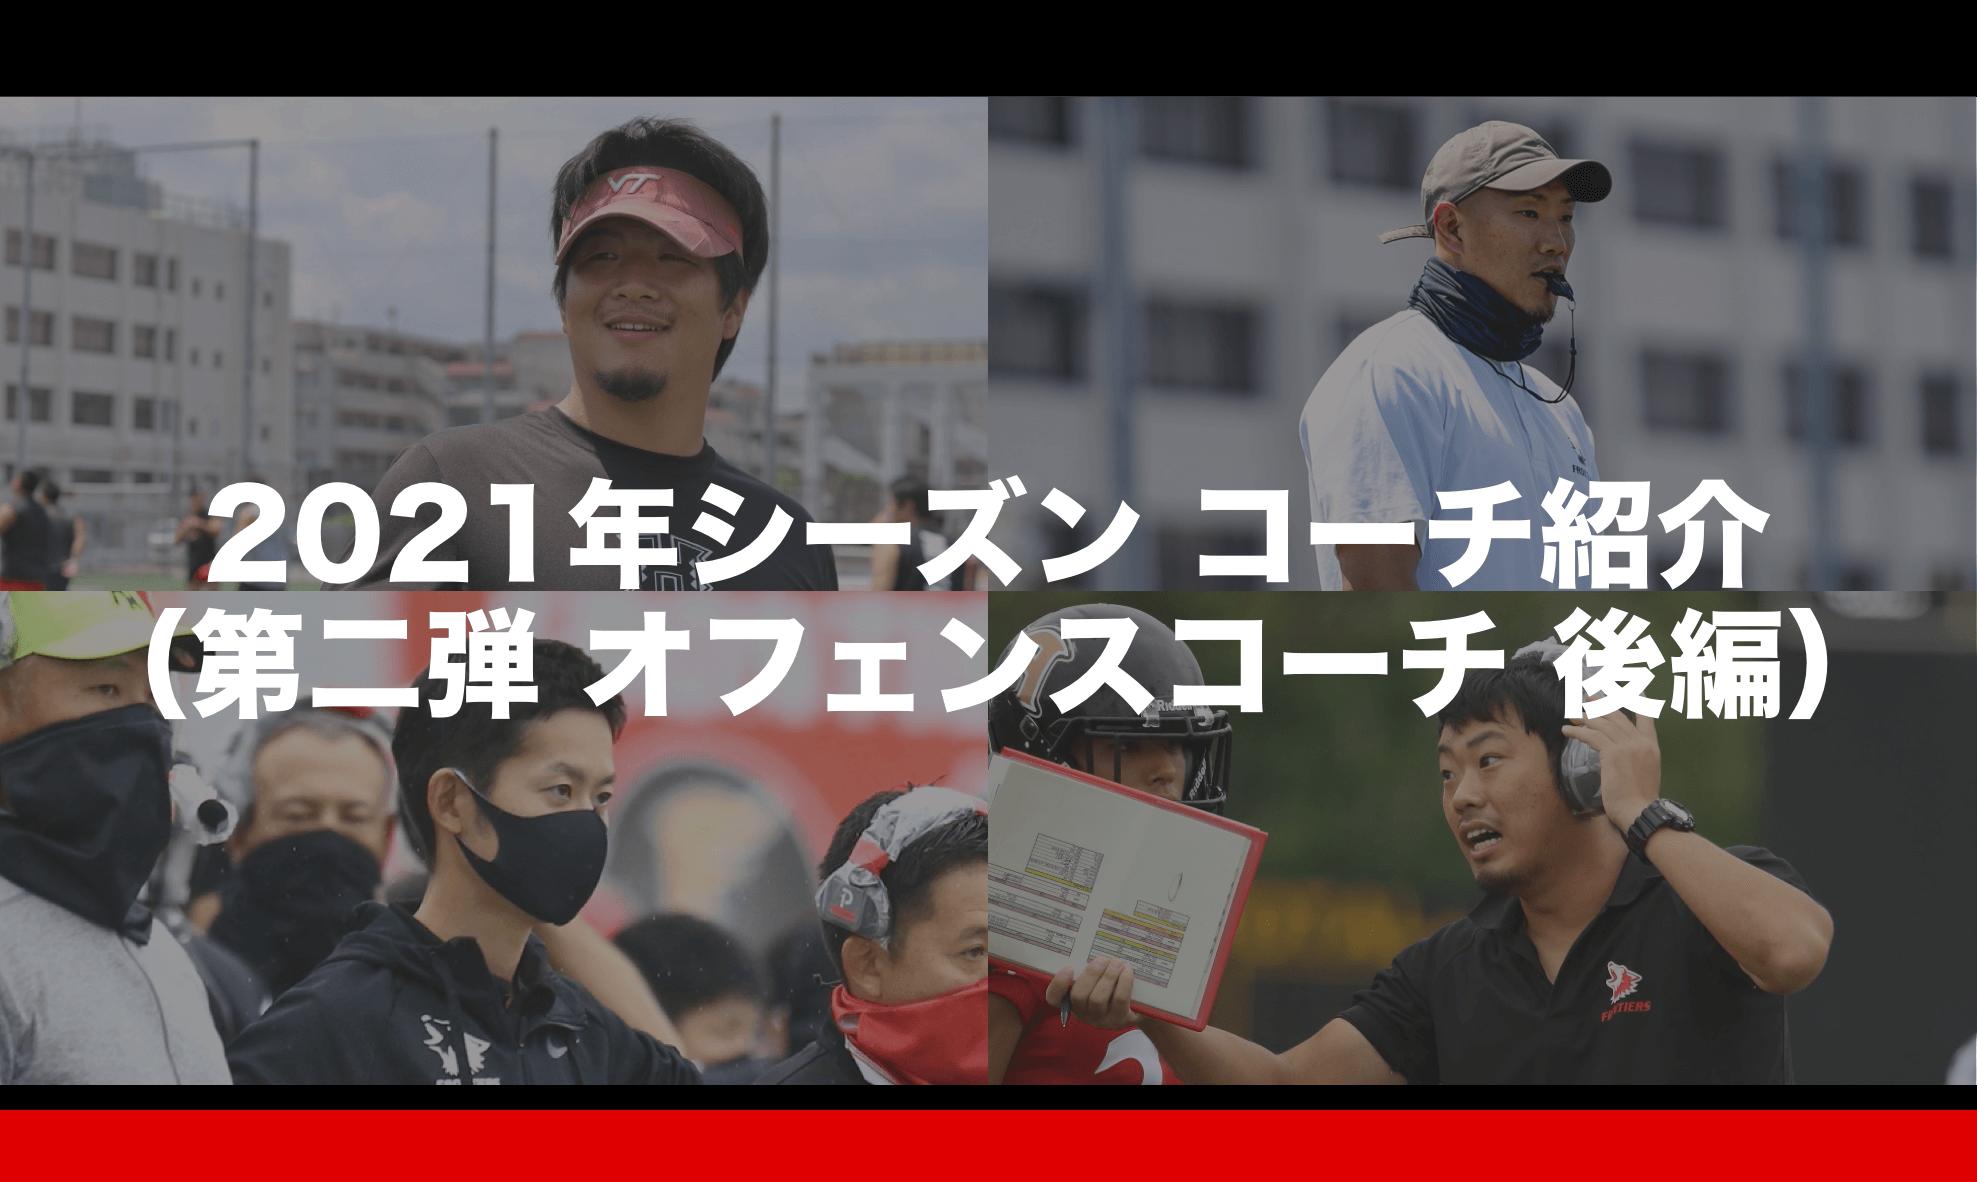 2021年シーズン コーチ紹介(第二弾 オフェンスコーチ 後編)